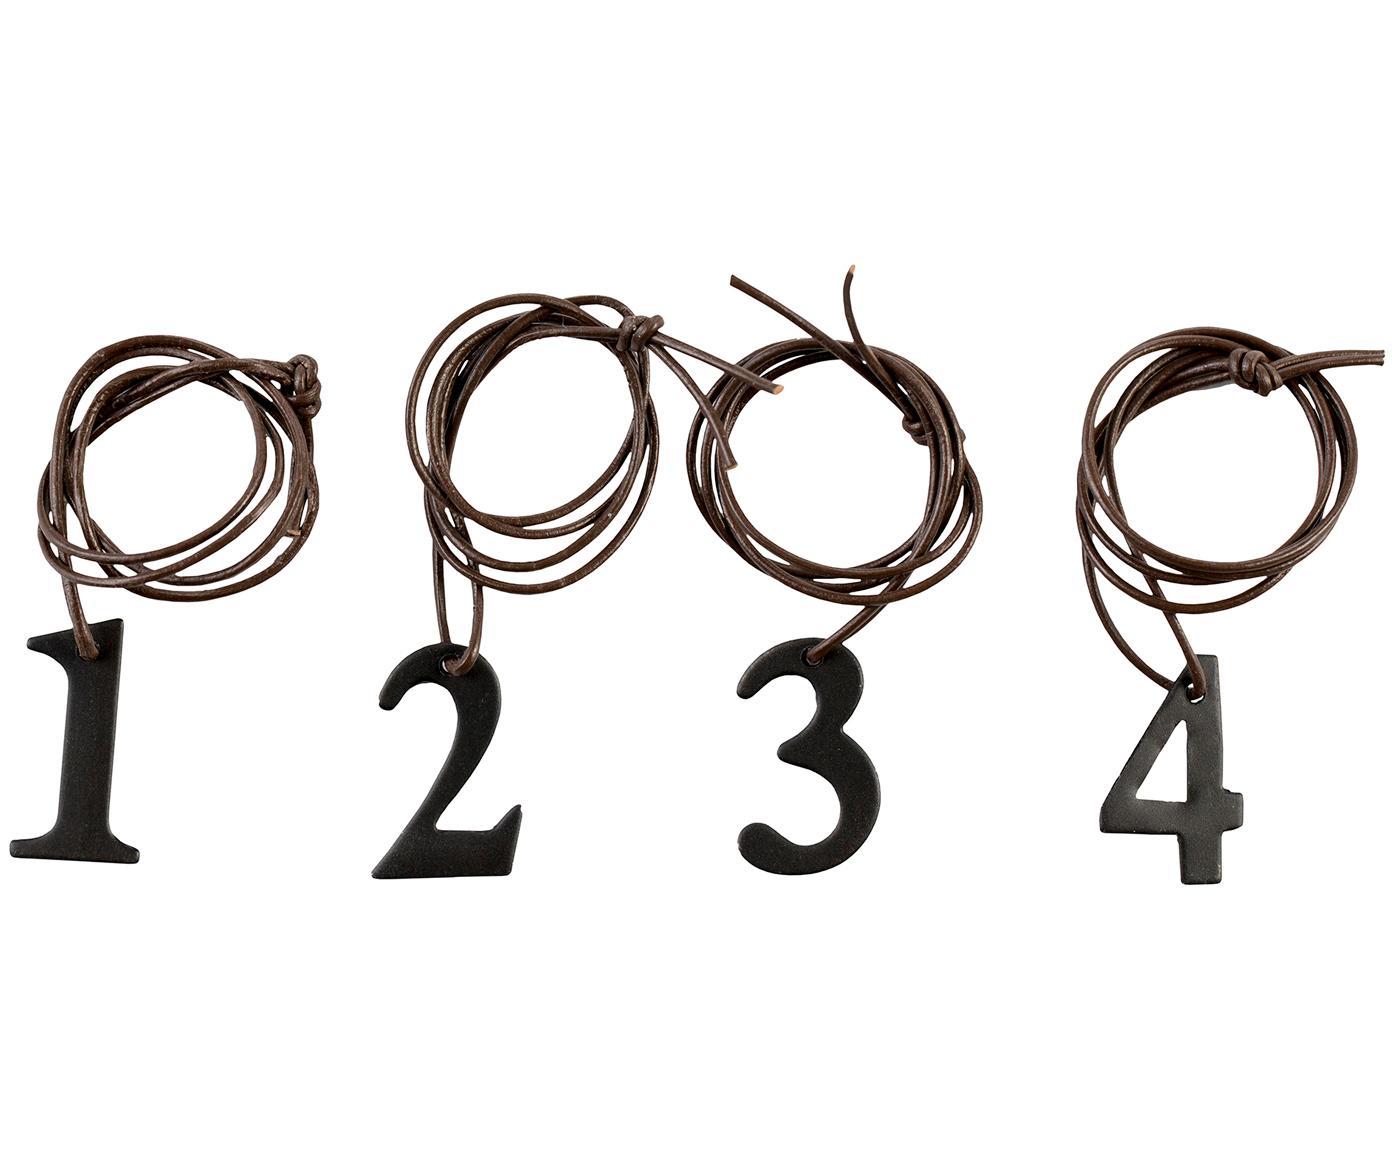 Decoratieve hangersset Dana Advent Number, 4-delig, Zwart, bruin, 2 x 3 cm